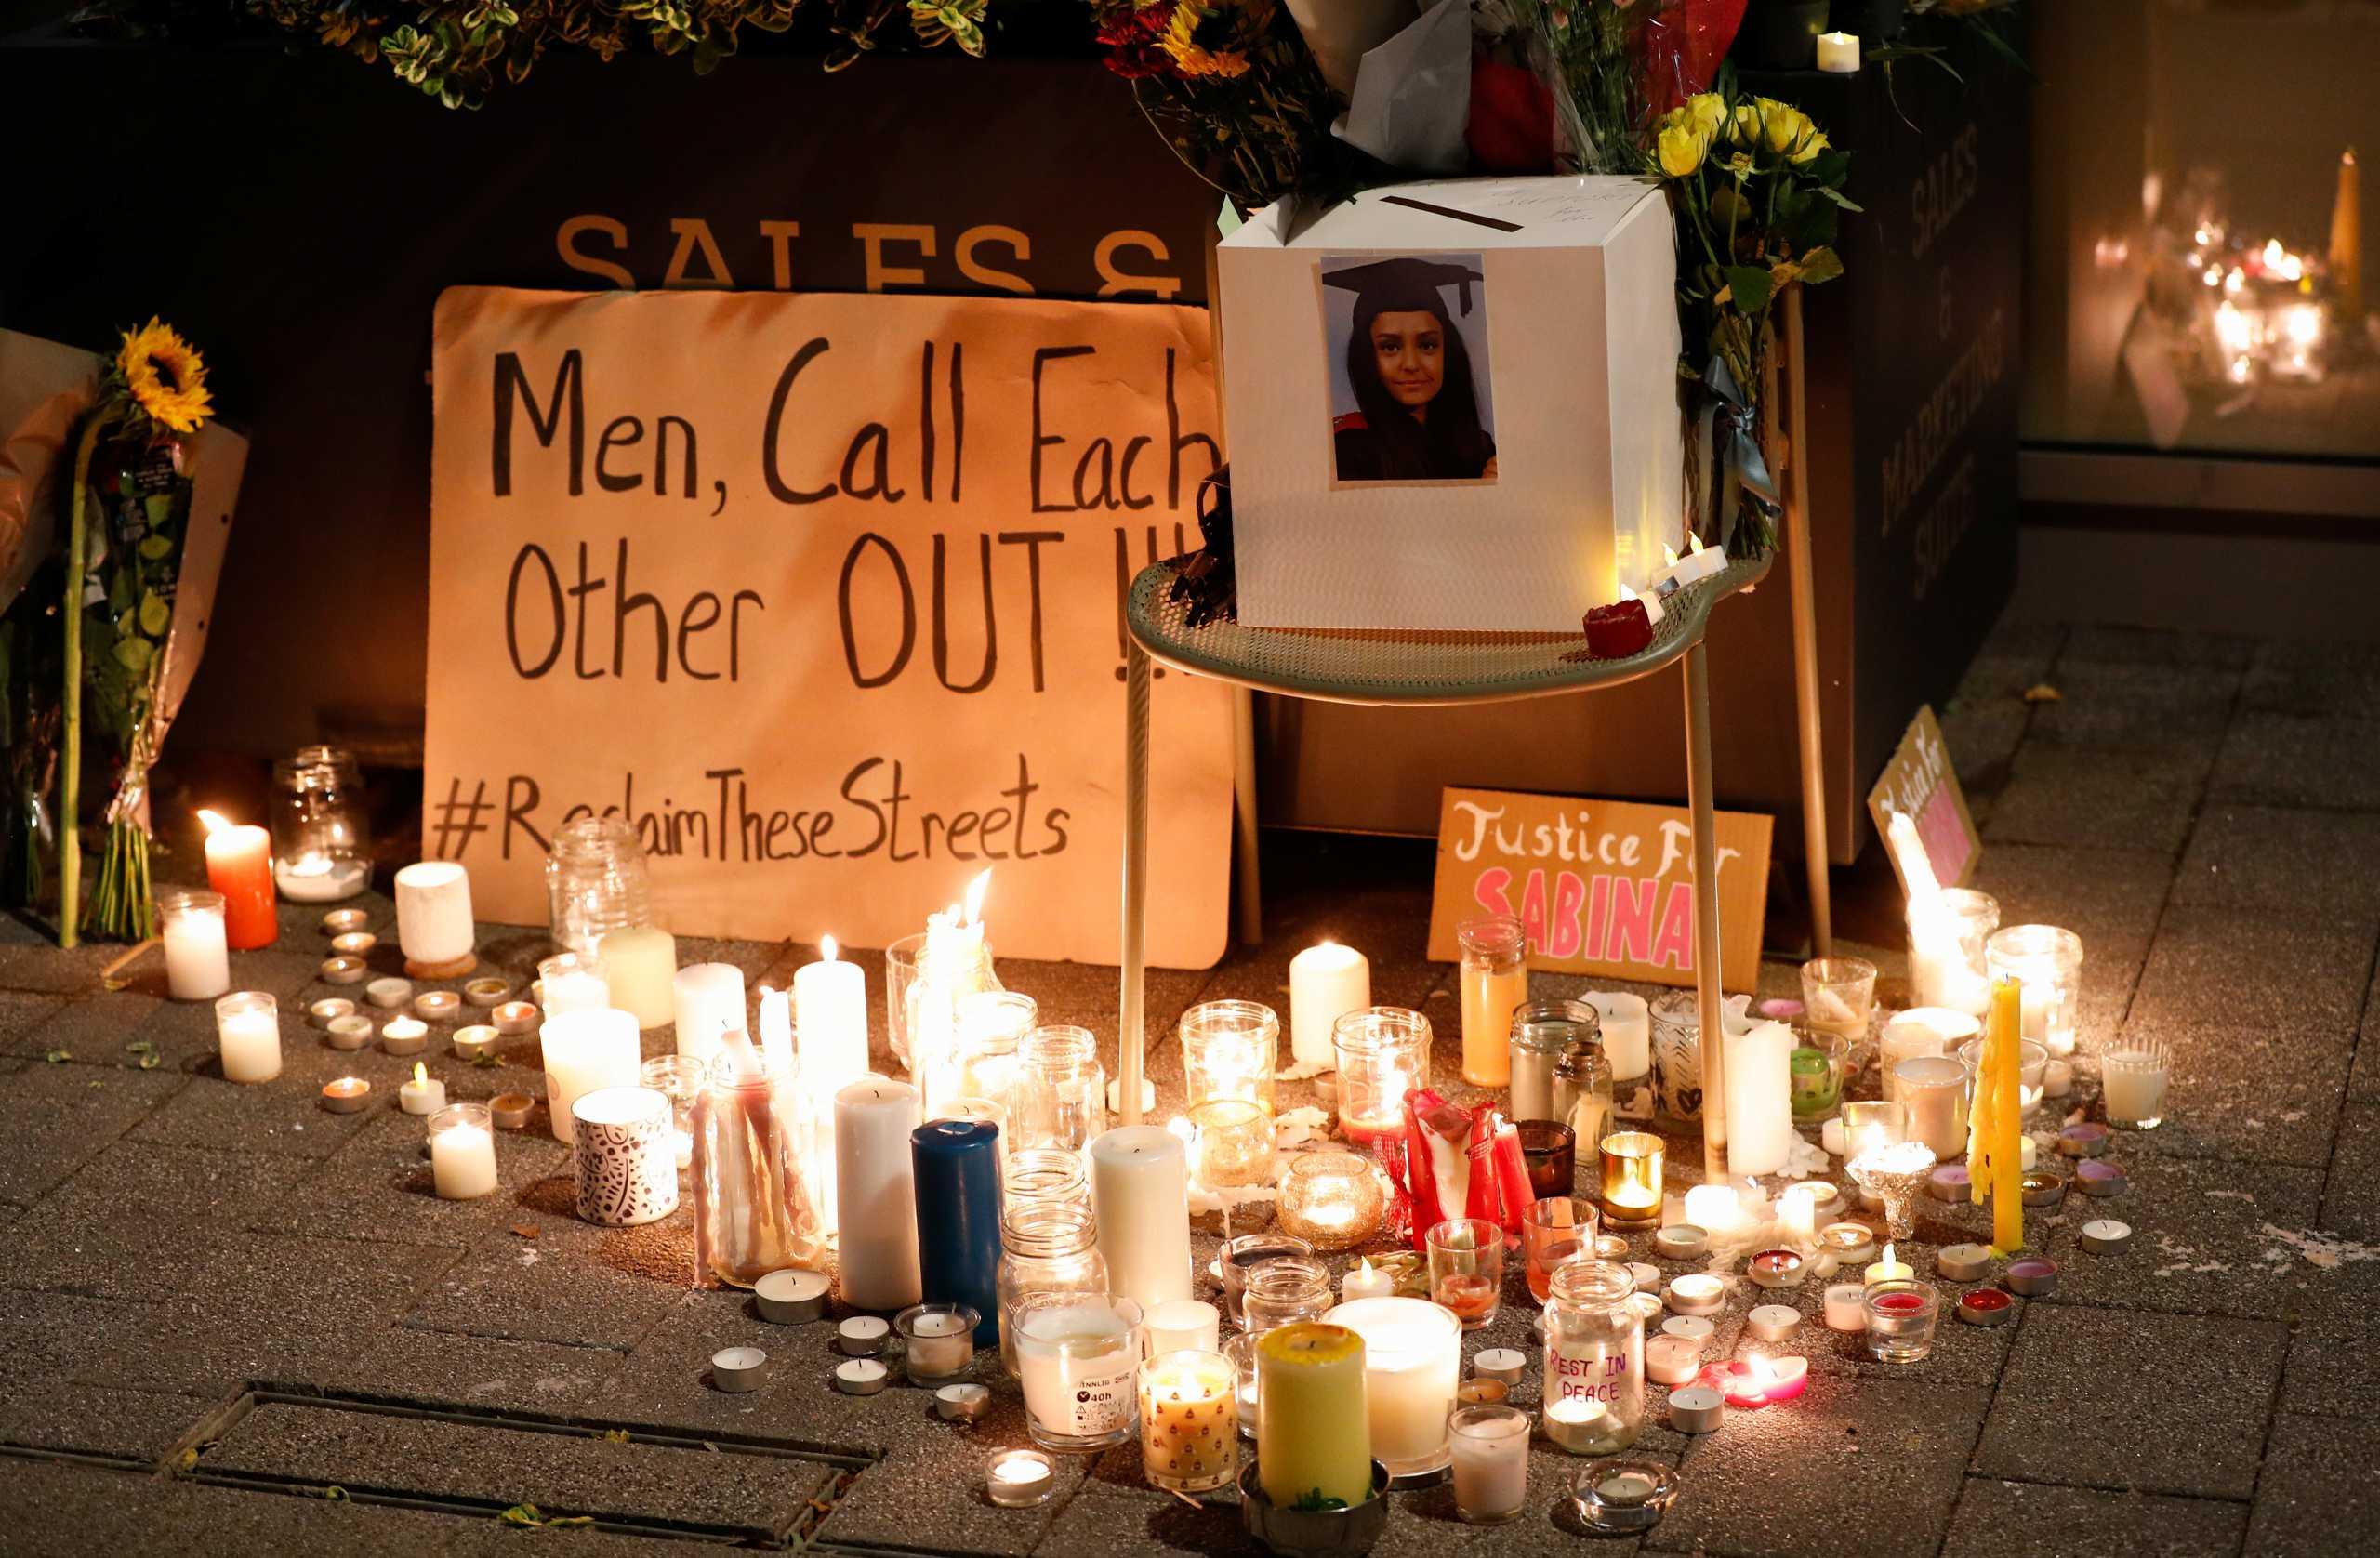 Σαμπίνα Νέσα: Συνελήφθη ύποπτος για τη δολοφονία της νεαρής δασκάλας στο Λονδίνο